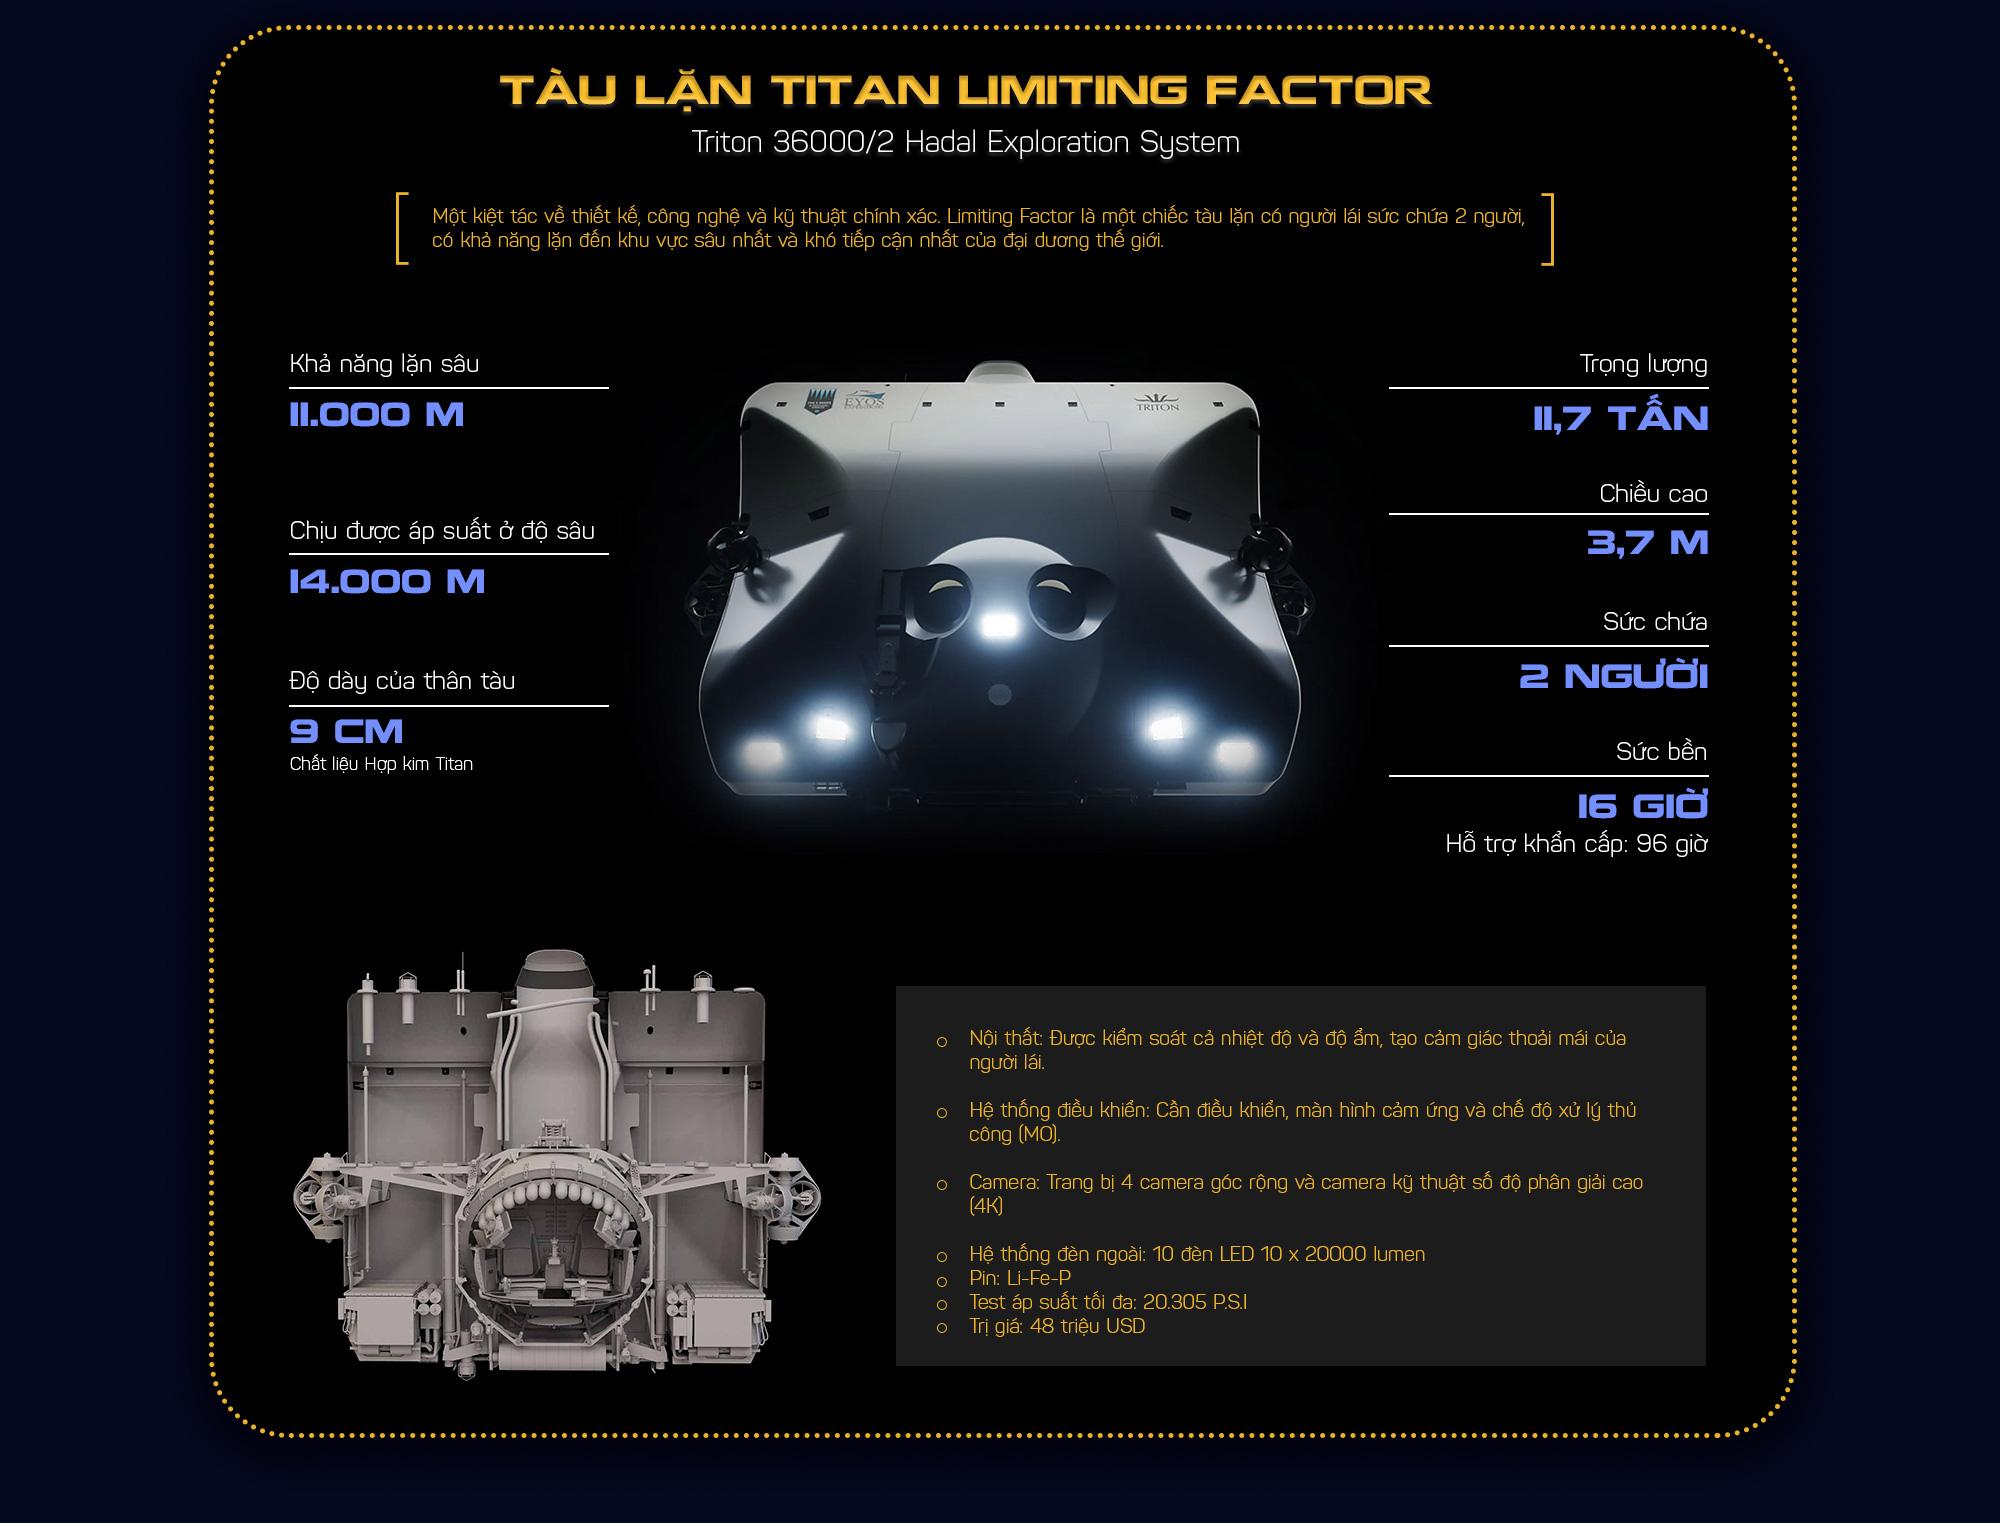 Tiên tri của cố tổng thống Mỹ và kỷ lục vừa gây chấn động thế giới: Một chút sơ sẩy, quả cầu Titan 48 triệu USD sẽ nổ tung - Ảnh 12.